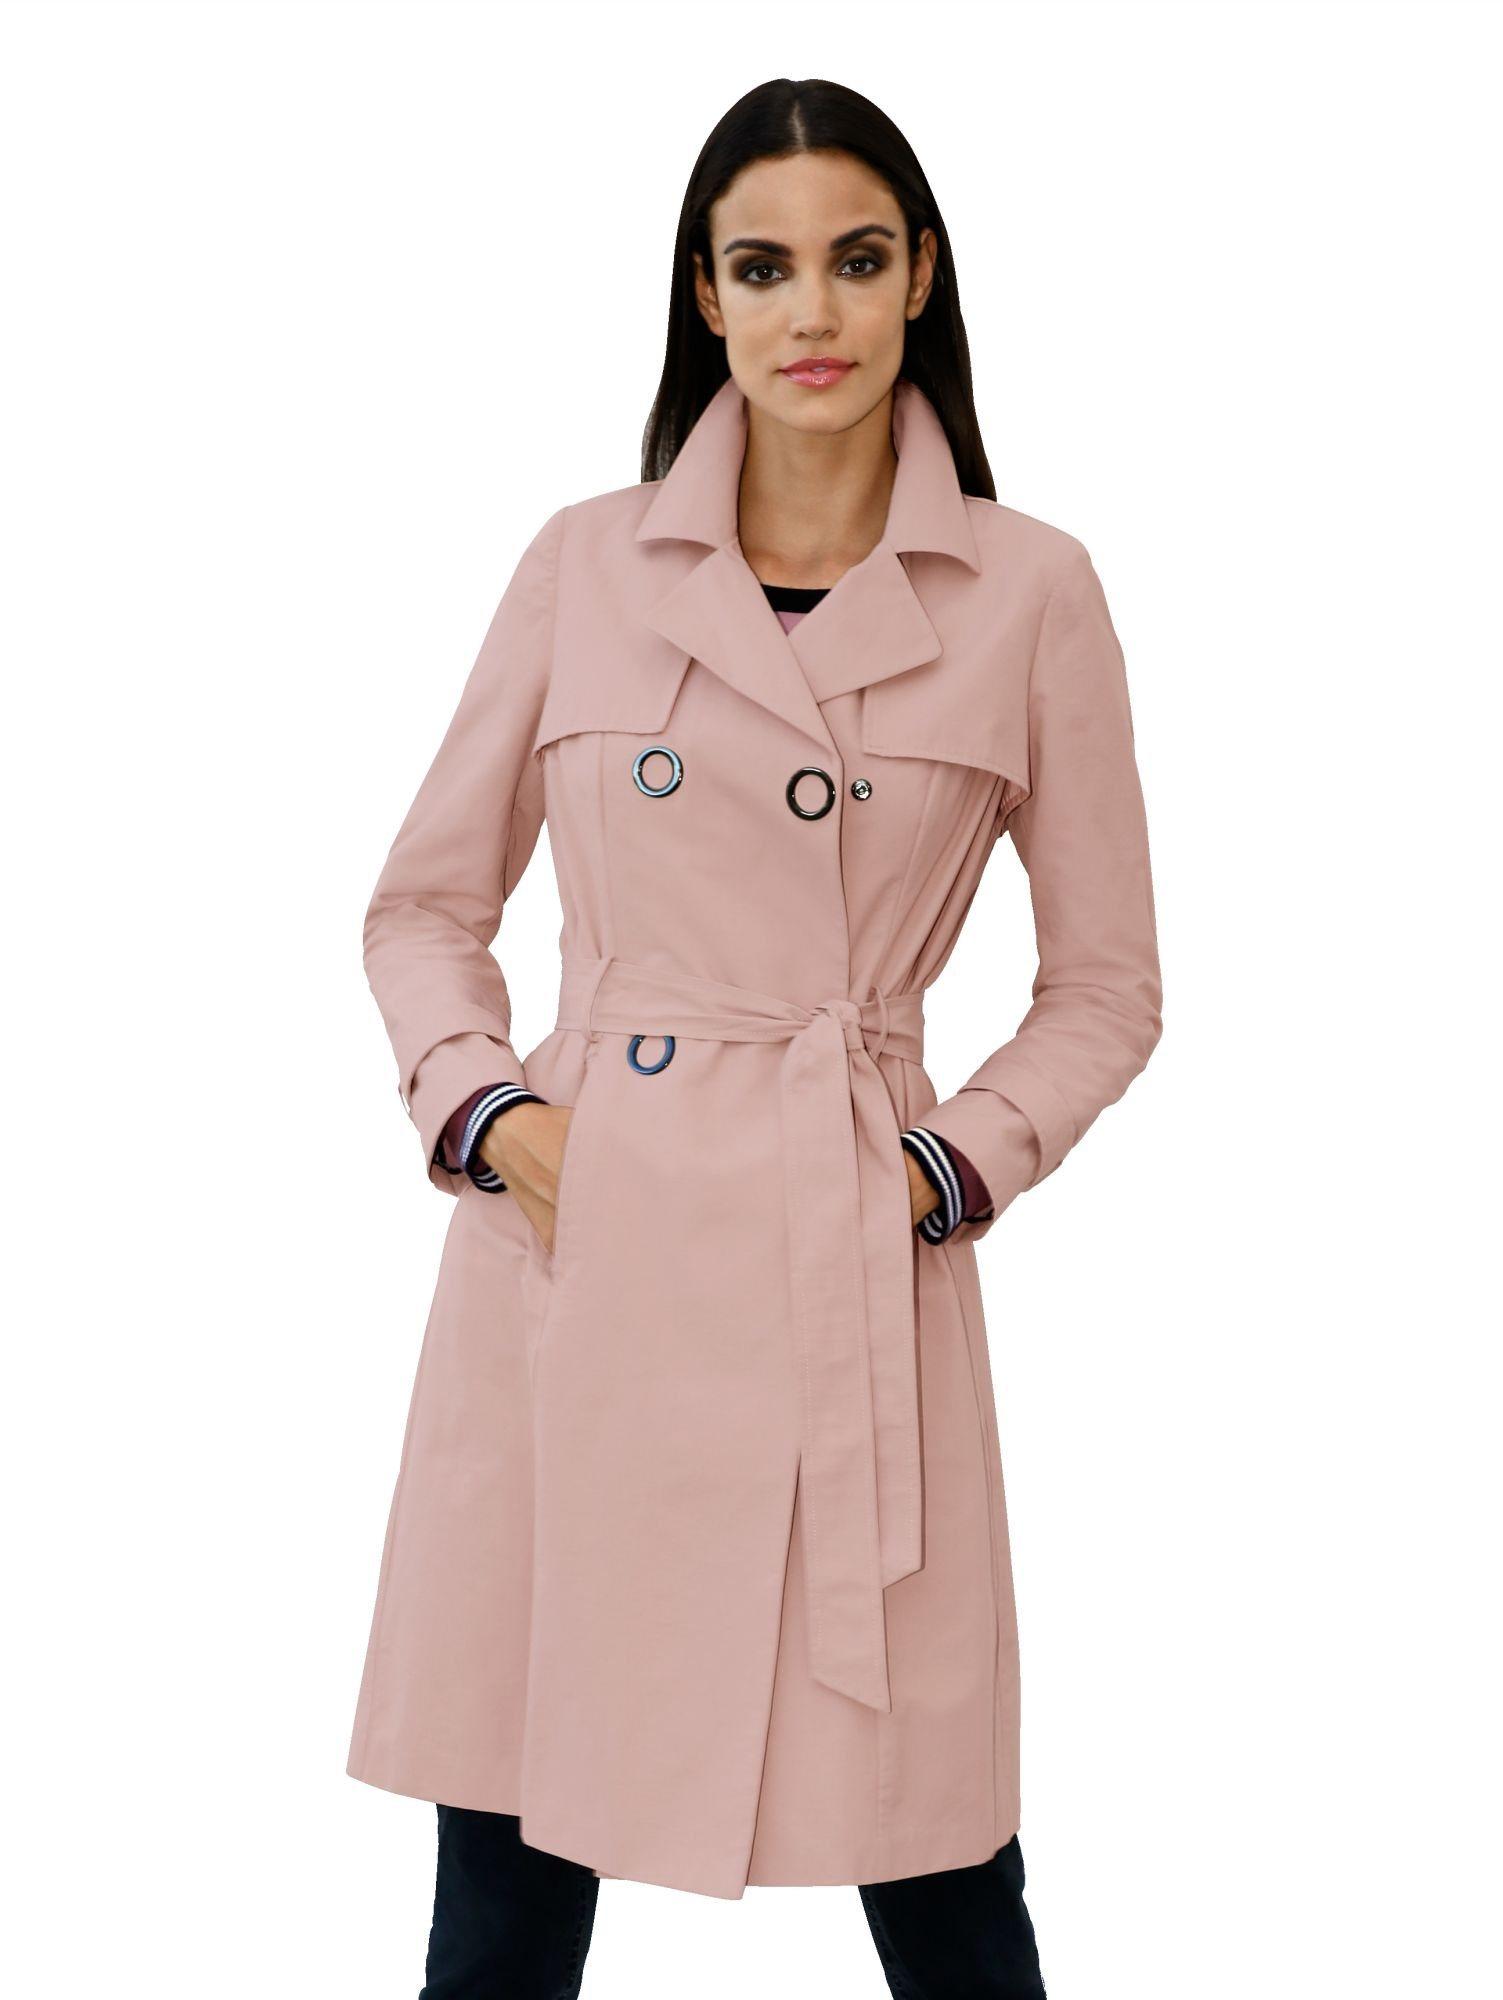 Amy Vermont Trenchcoat mit dekorativen Druckknöpfen | Bekleidung > Mäntel > Trenchcoats | Viskose - Polyamid | Amy Vermont